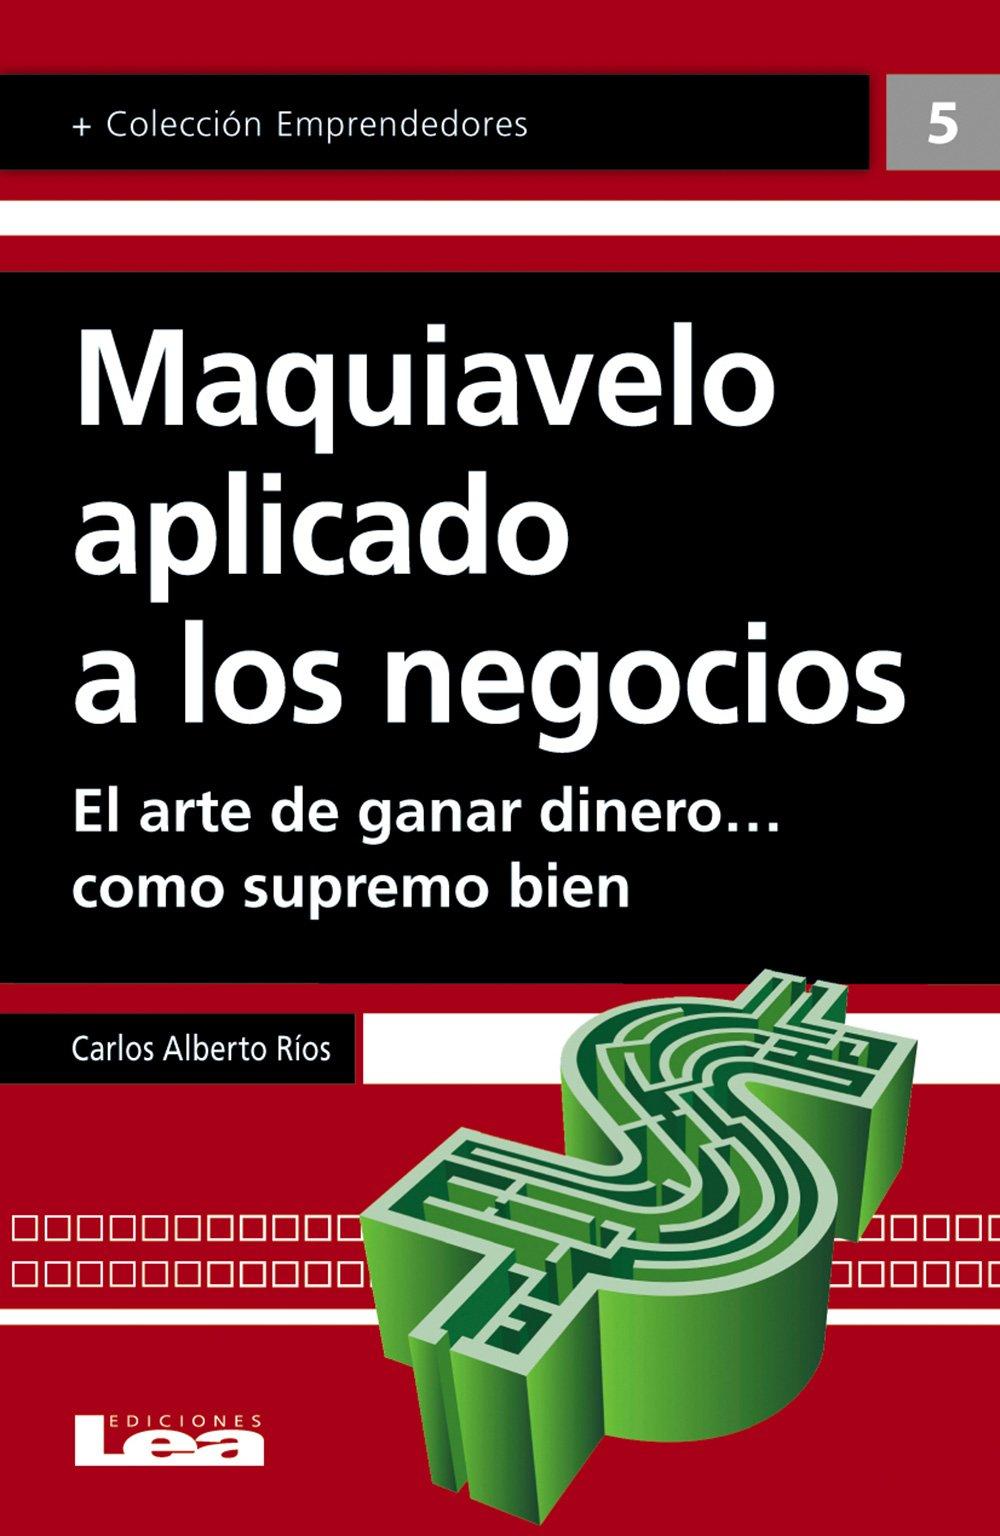 Maquiavelo aplicado a los negocios: El arte de ganar dinero… como supremo bien (Emprendedores) (Spanish Edition)